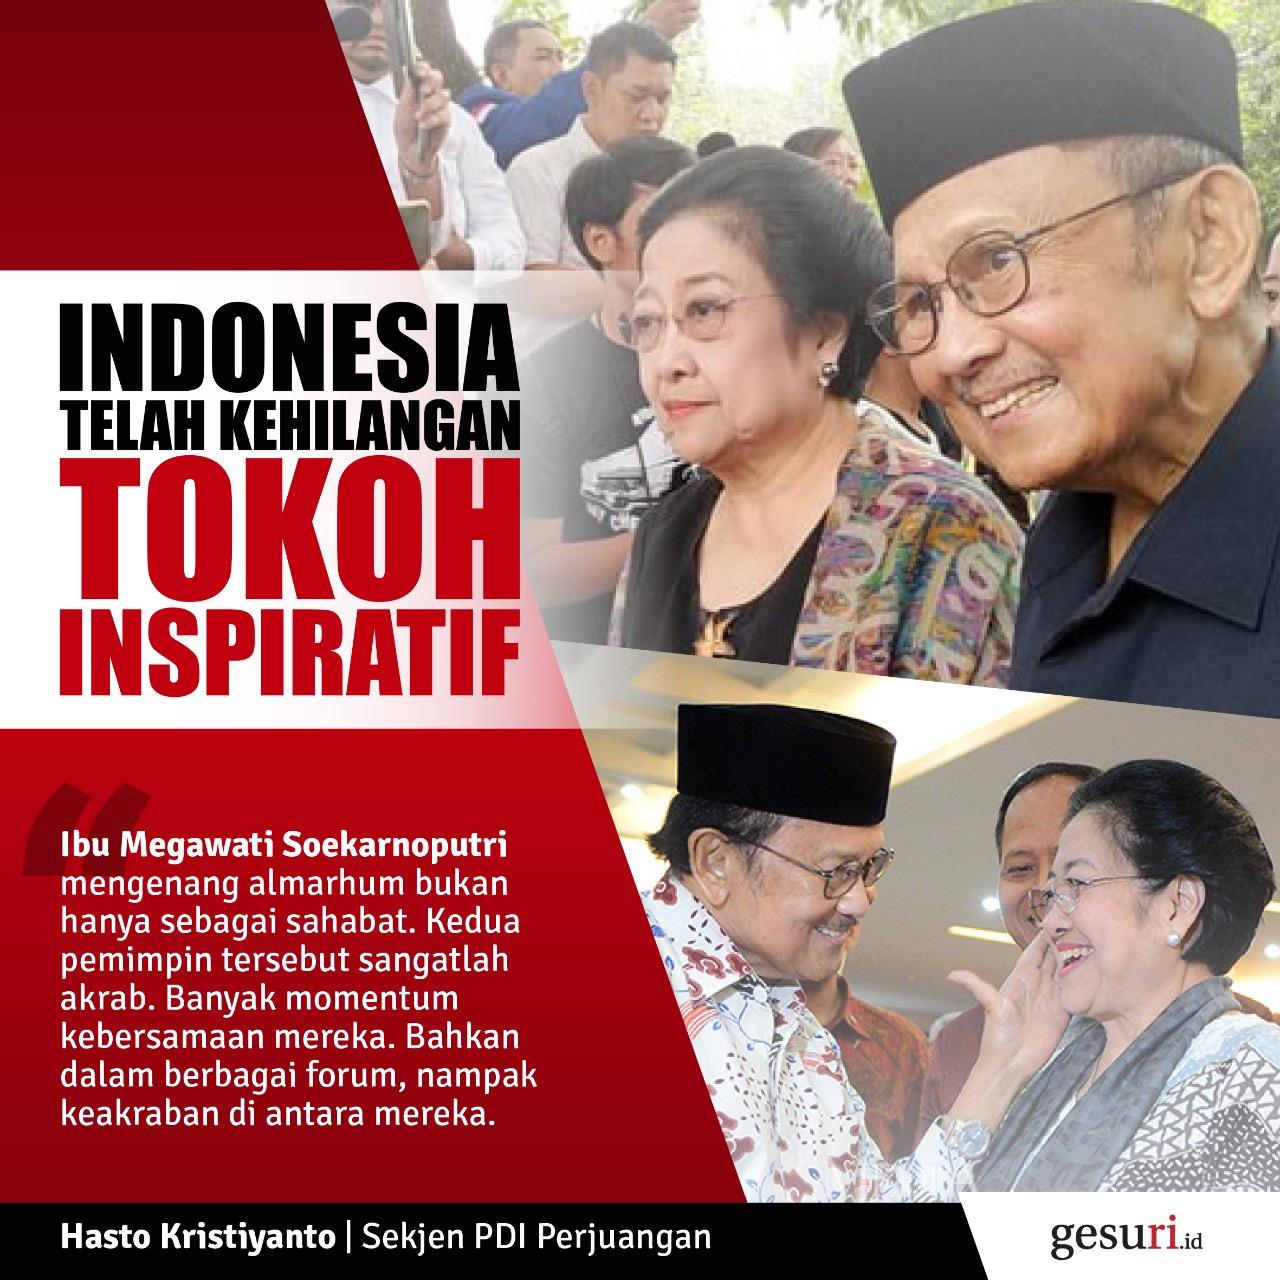 Indonesia Telah Kehilangan Tokoh Ispiratif